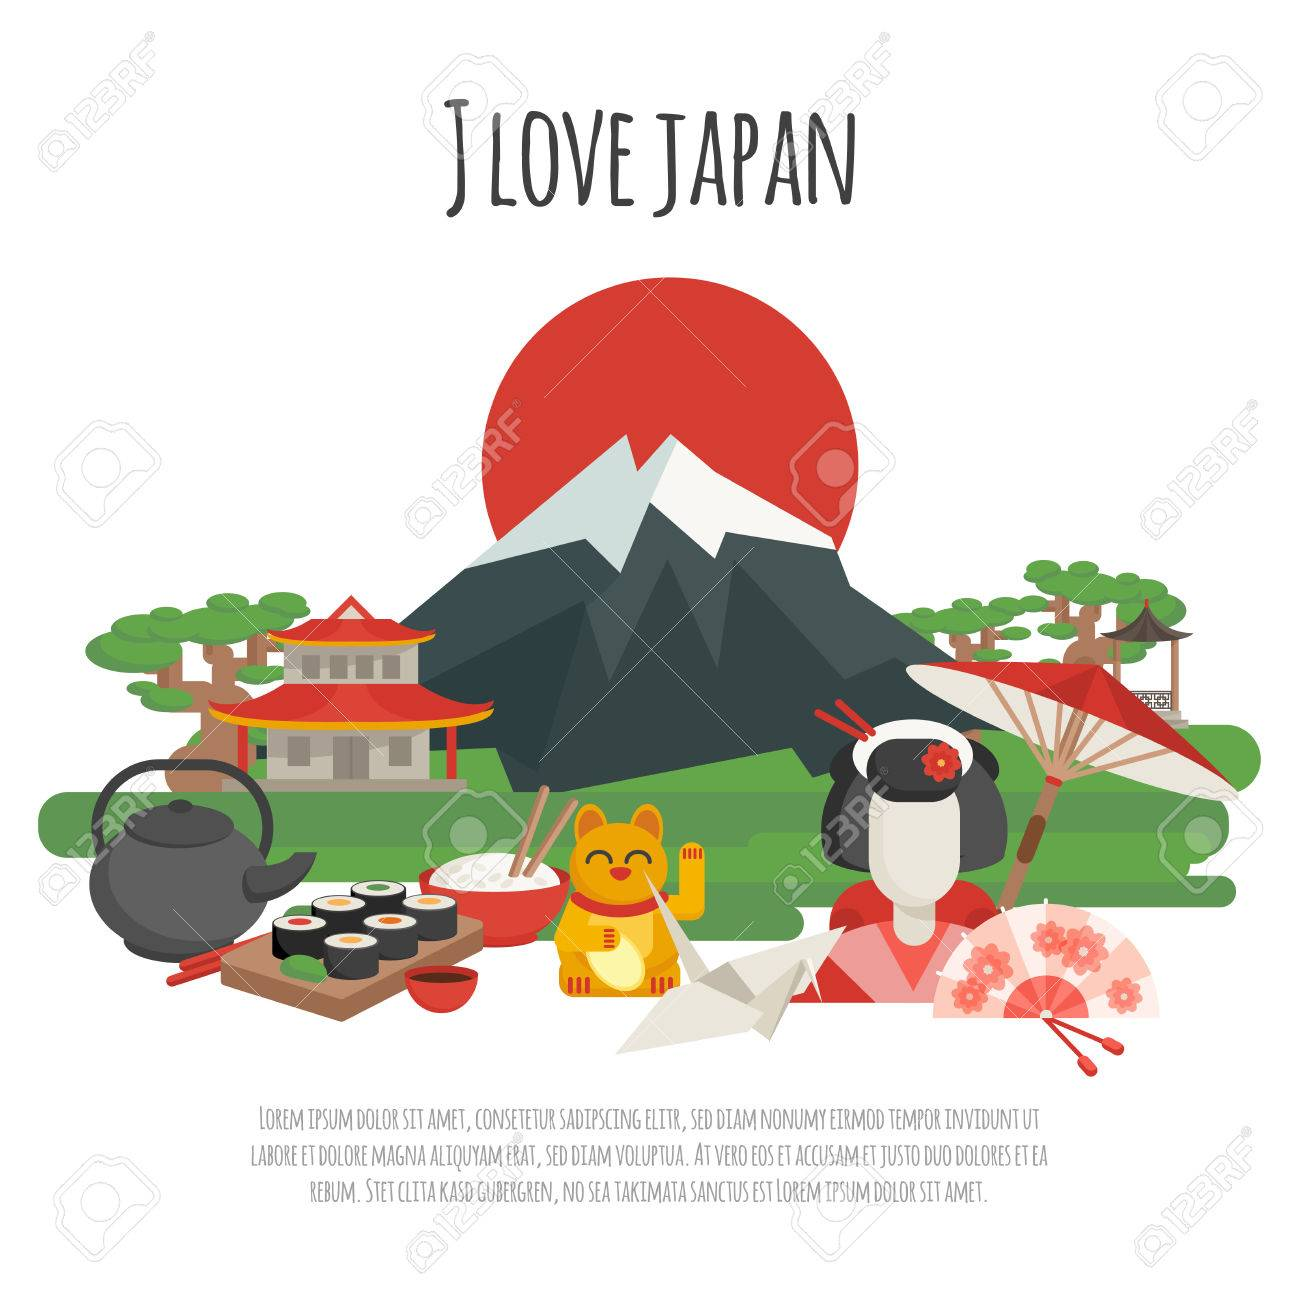 japanese national symbols with i love japan tagline color poster